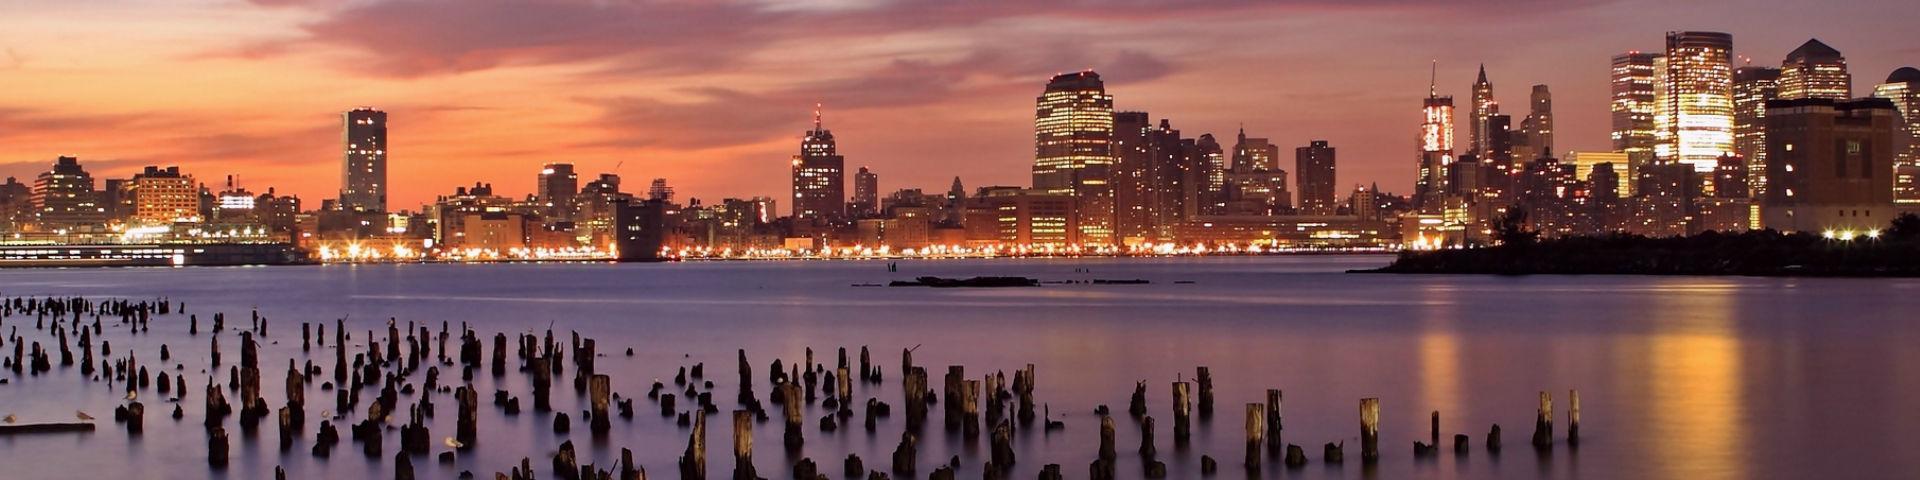 Букмекеры из Нью-Джерси заняли первое место по сумме налоговых отчислений